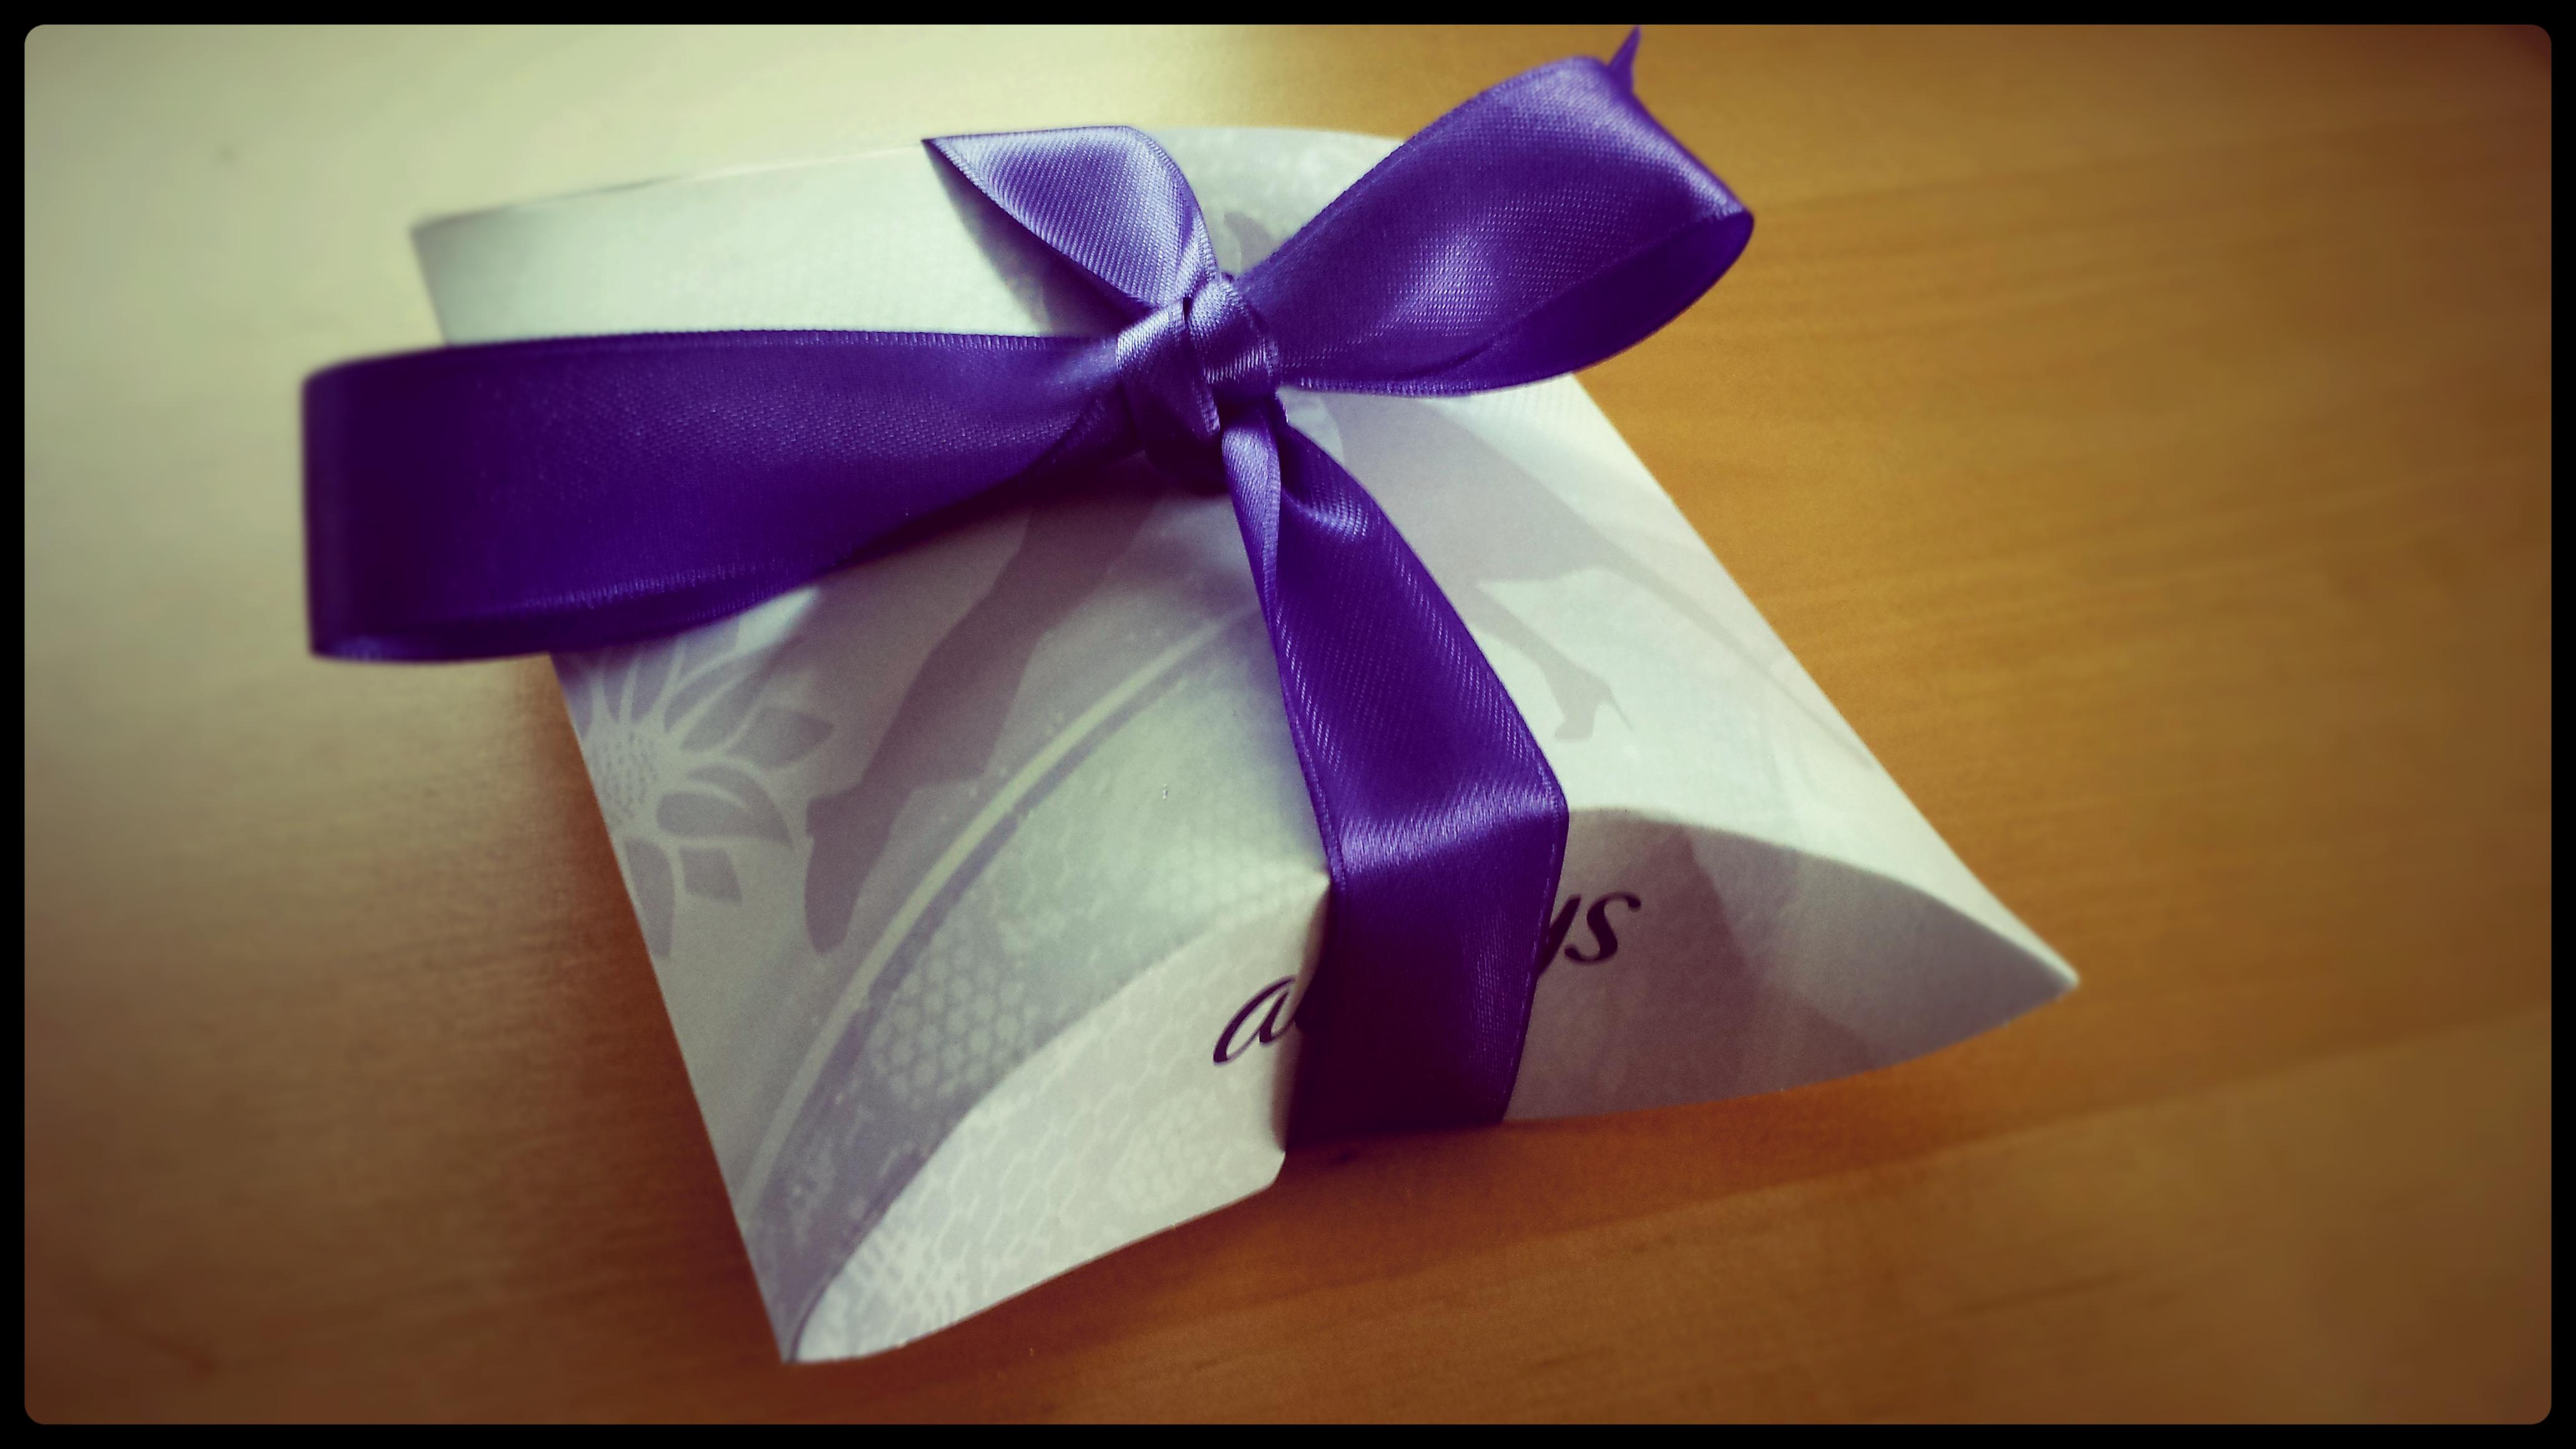 verpackt - Always Twist & Flex Damenbinde im Test